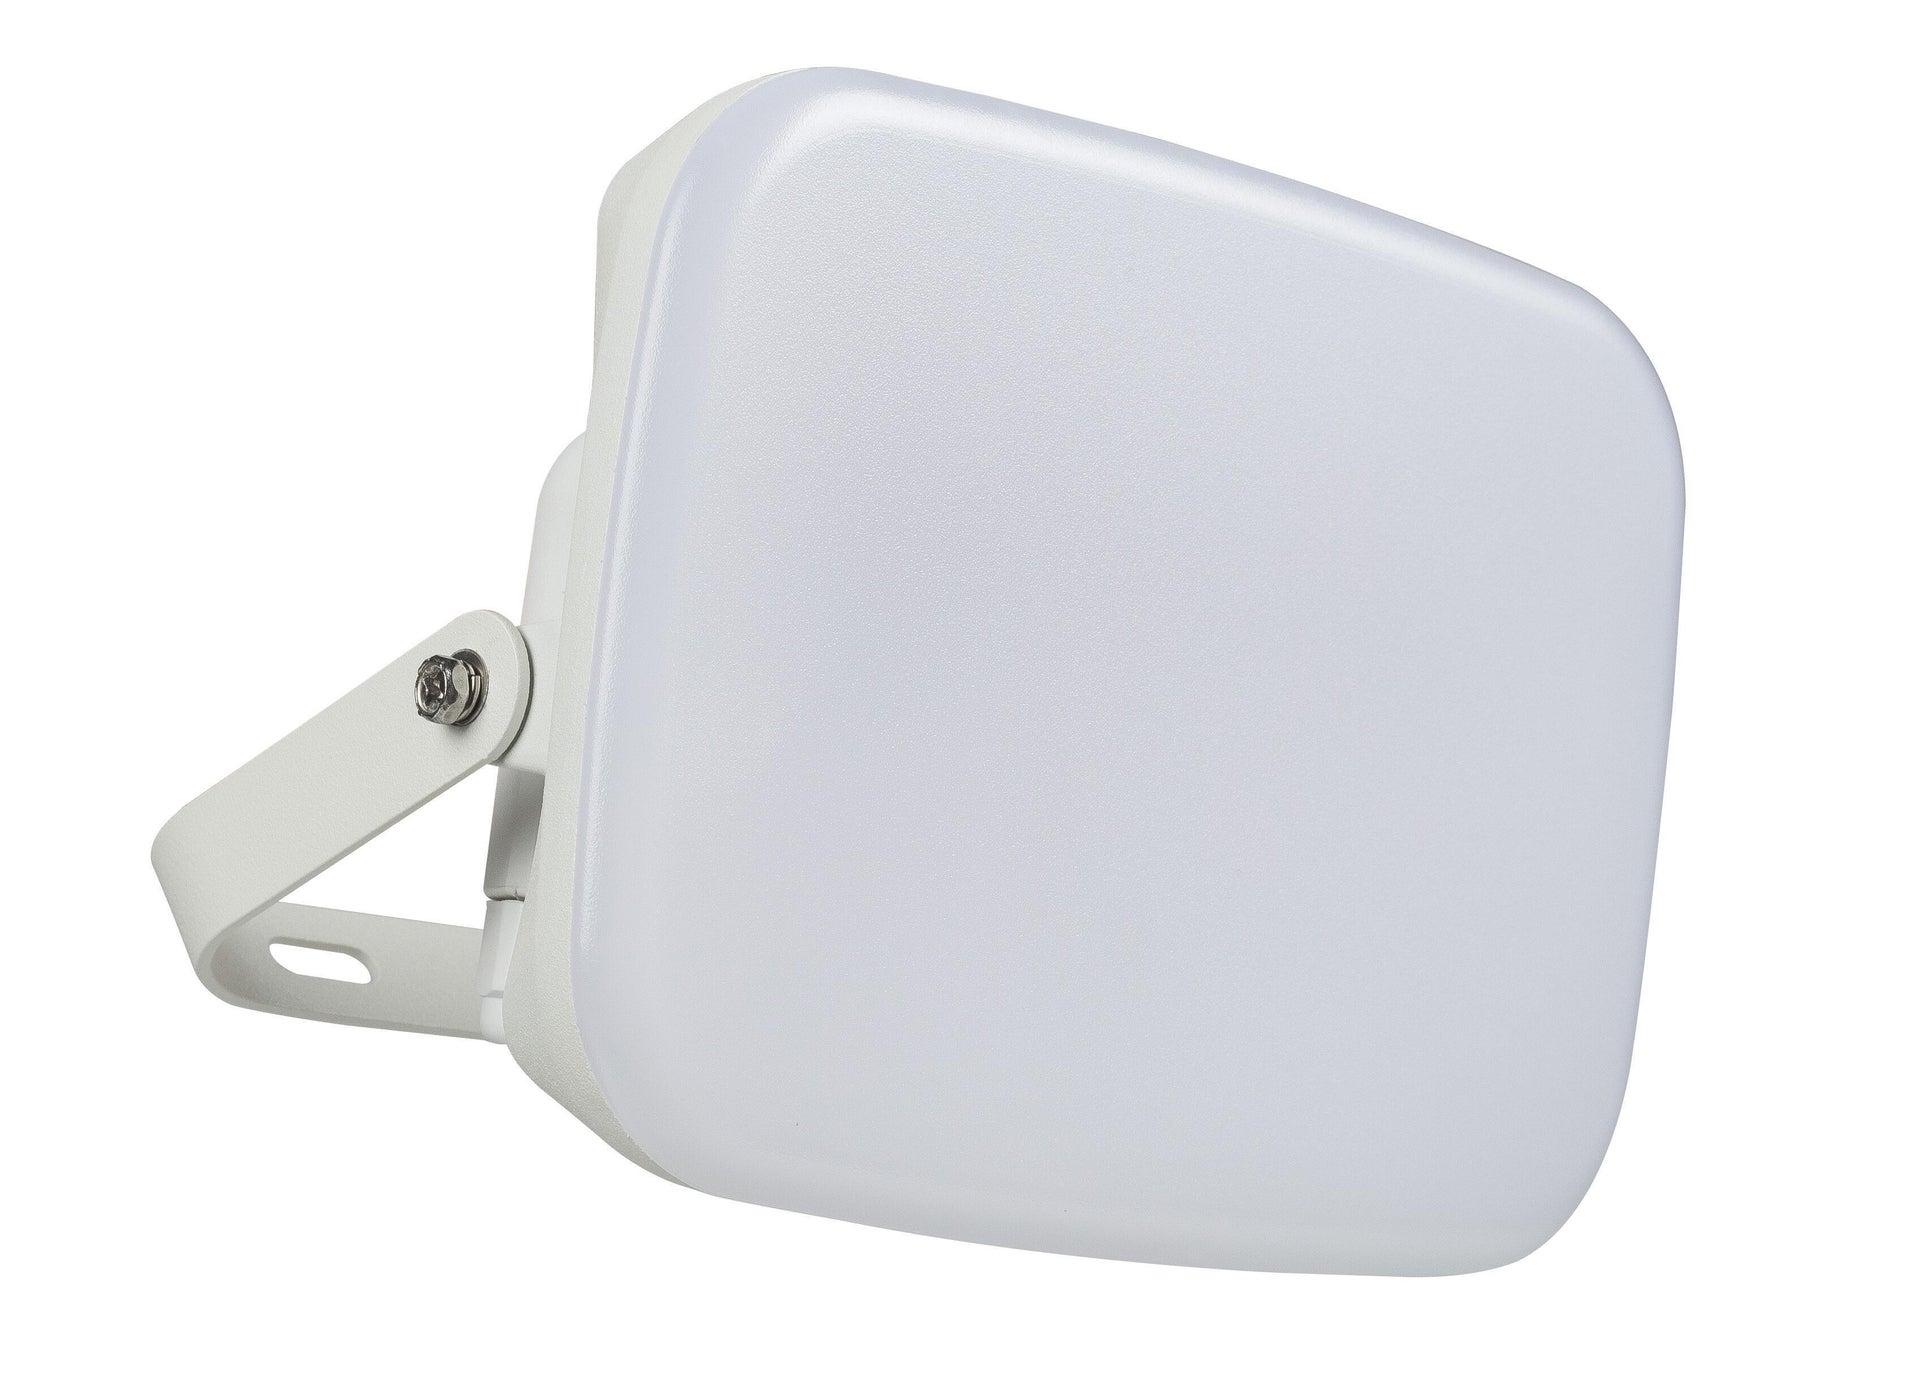 Proiettore LED integrato Kanti in alluminio, bianco, 30W 2000LM IP65 INSPIRE - 7